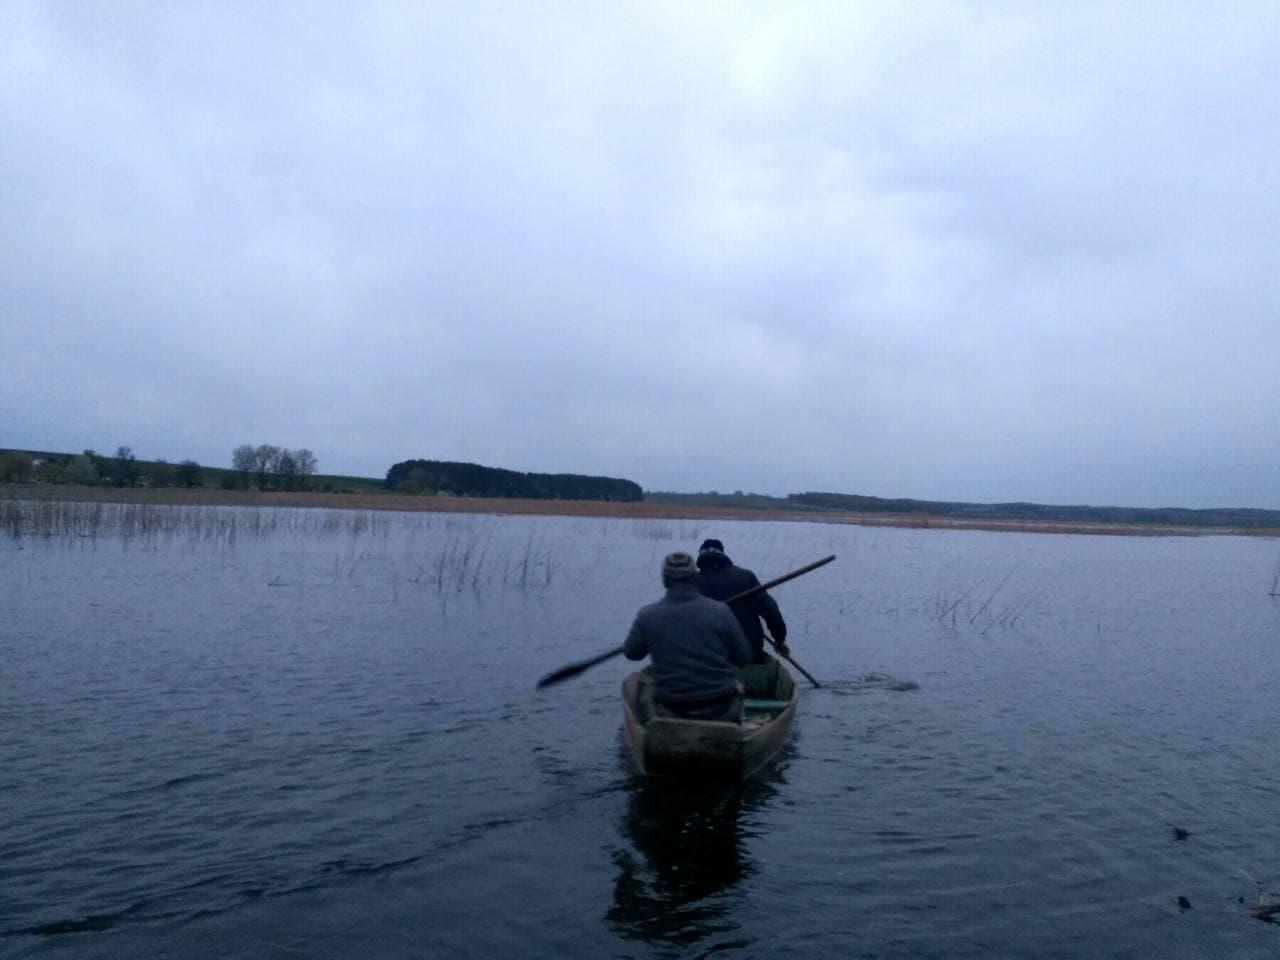 П'ять порушників та 18 браконьєрських риболовних сіток: волинські екоінспектори провели природоохоронний рейд